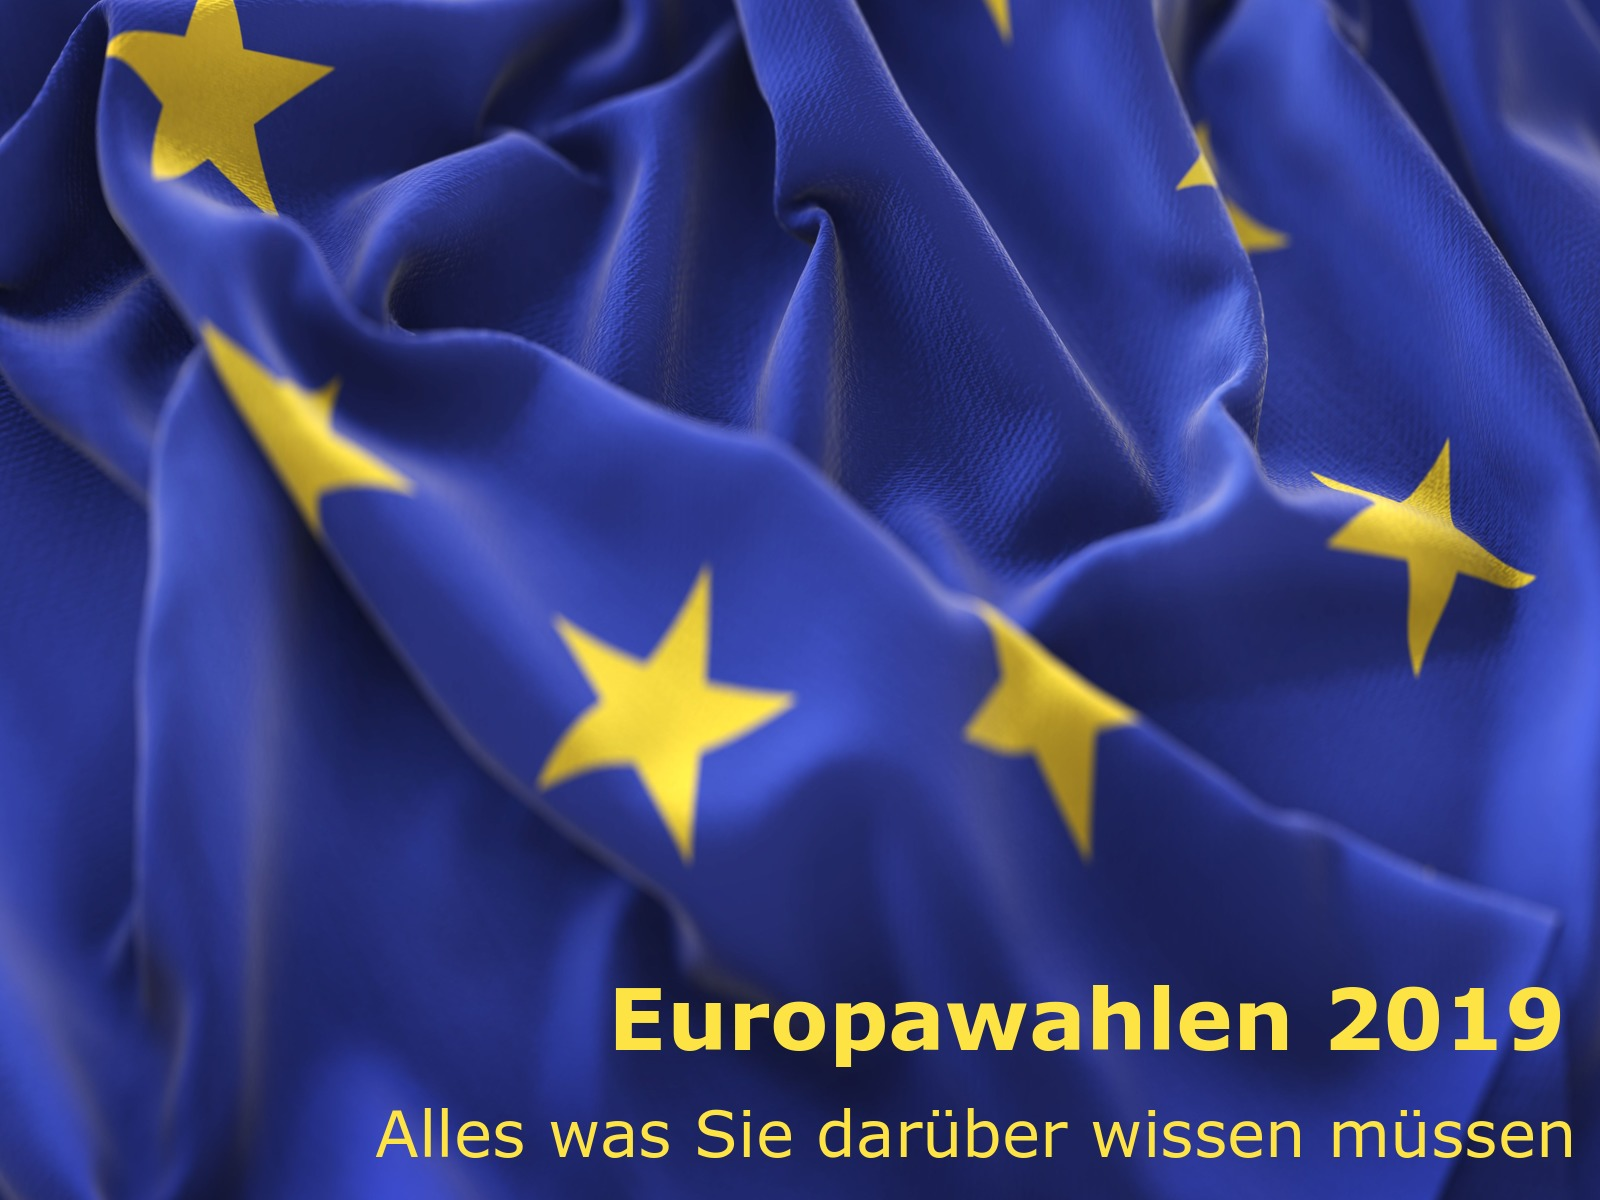 Europawahlen 2019 - Alles was Sie darüber wissen müssen